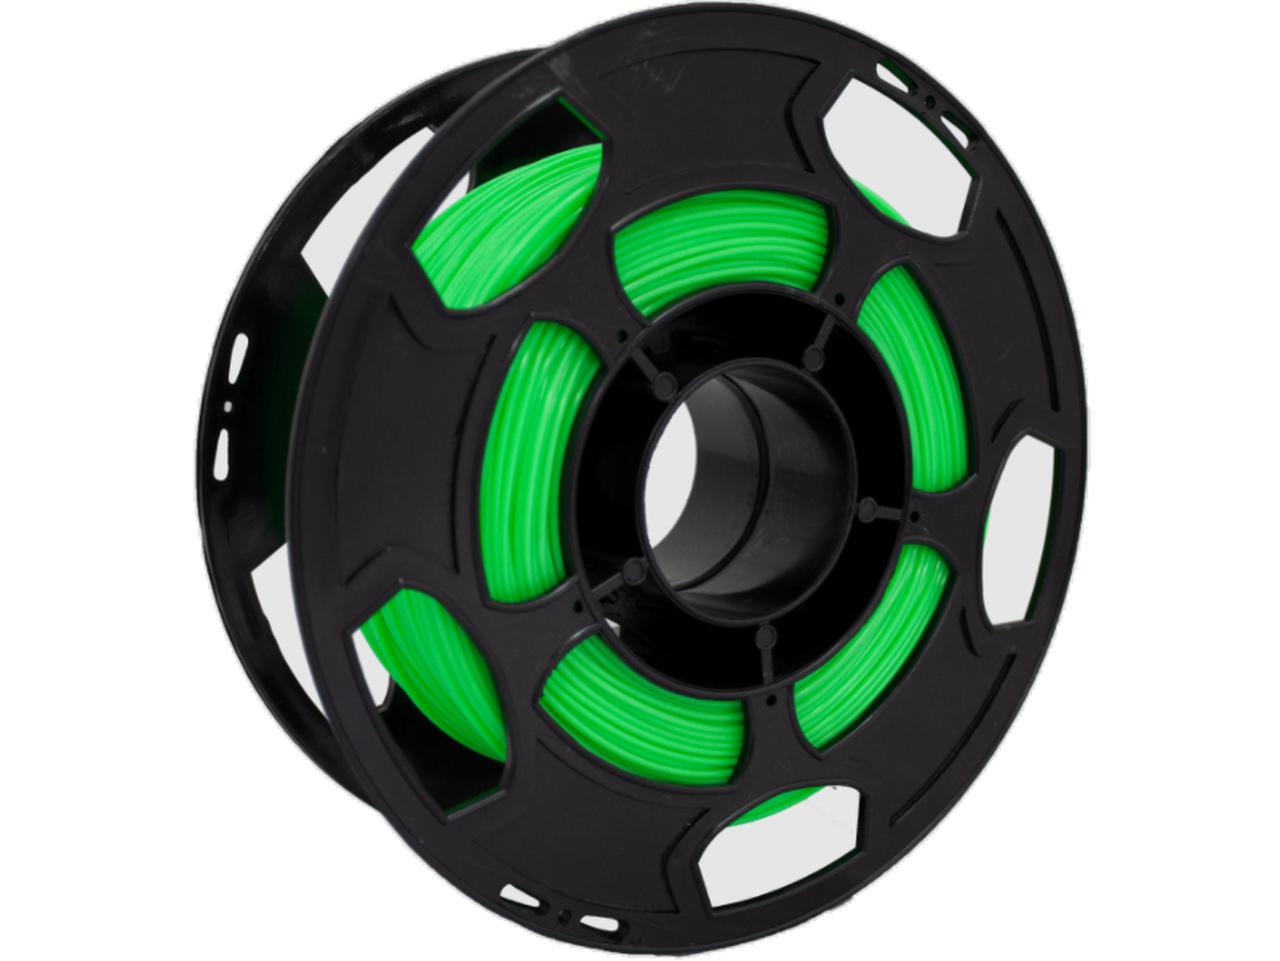 Filamento ABS Premium - Verde Limão - 3D Lab - 1.75mm - 500g